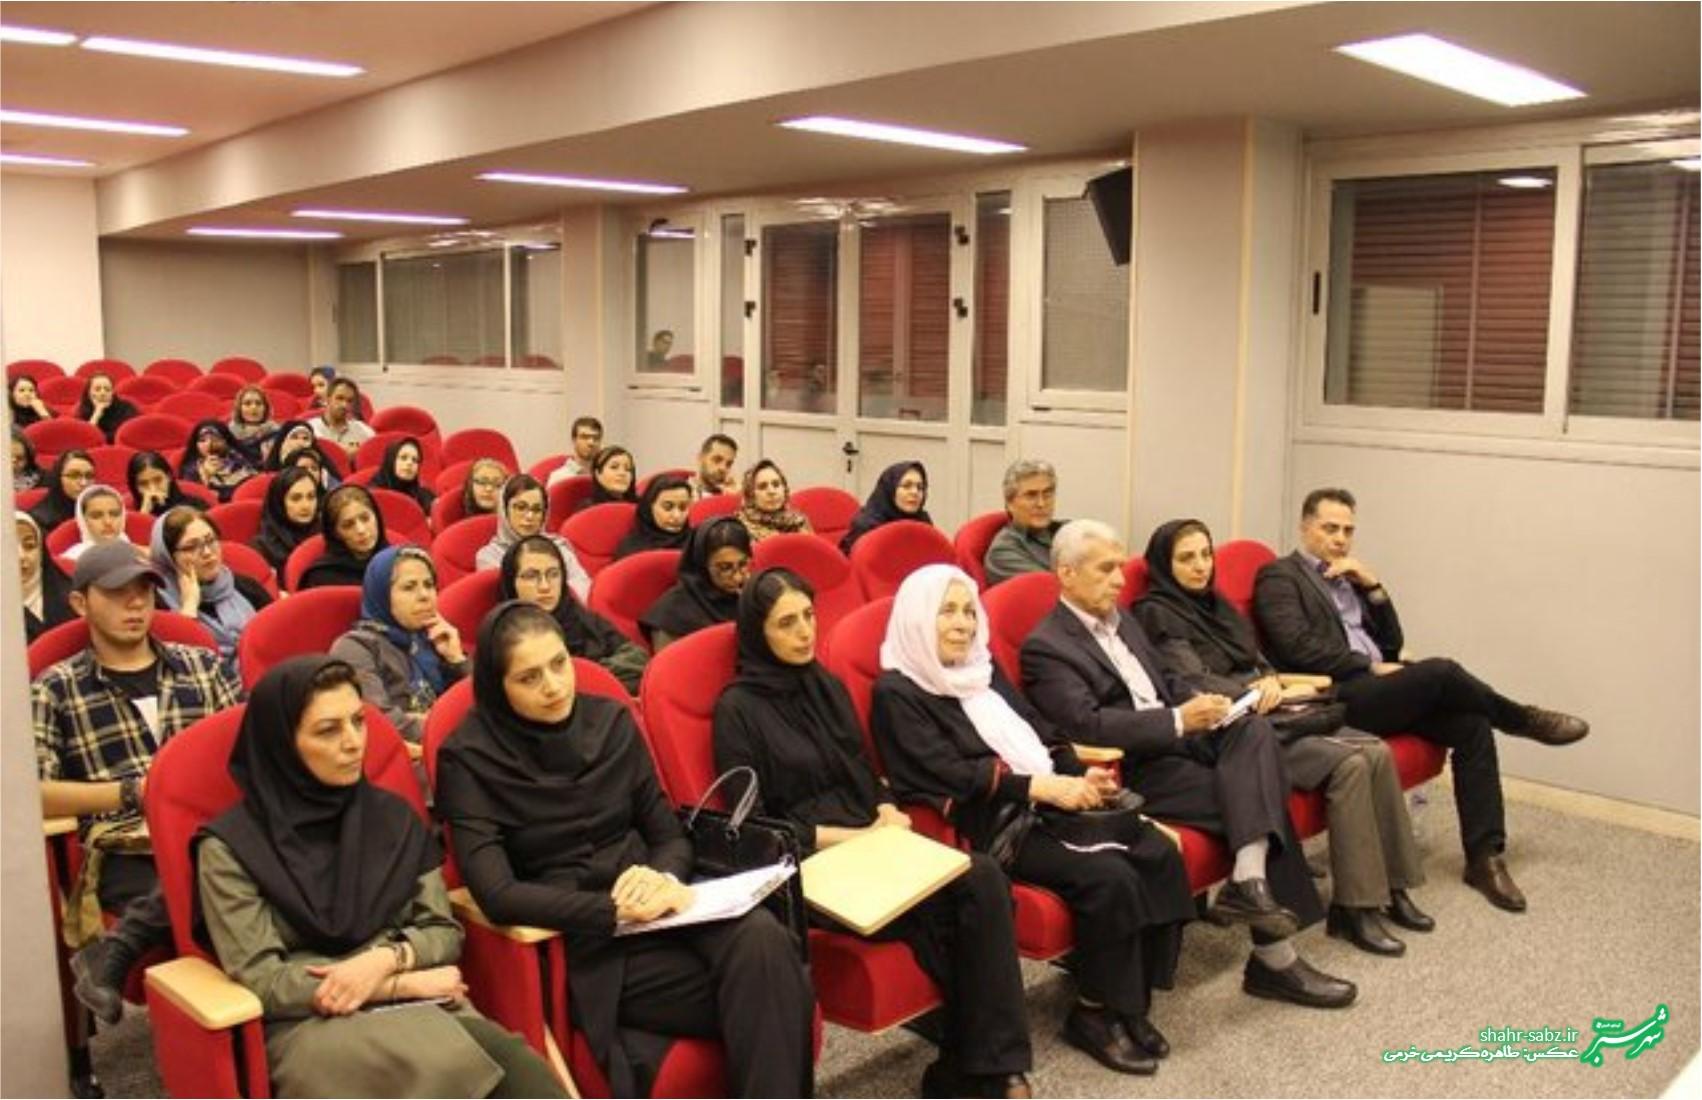 همایش برخوان سعدی/ عکس: طاهره کریمی خرمی